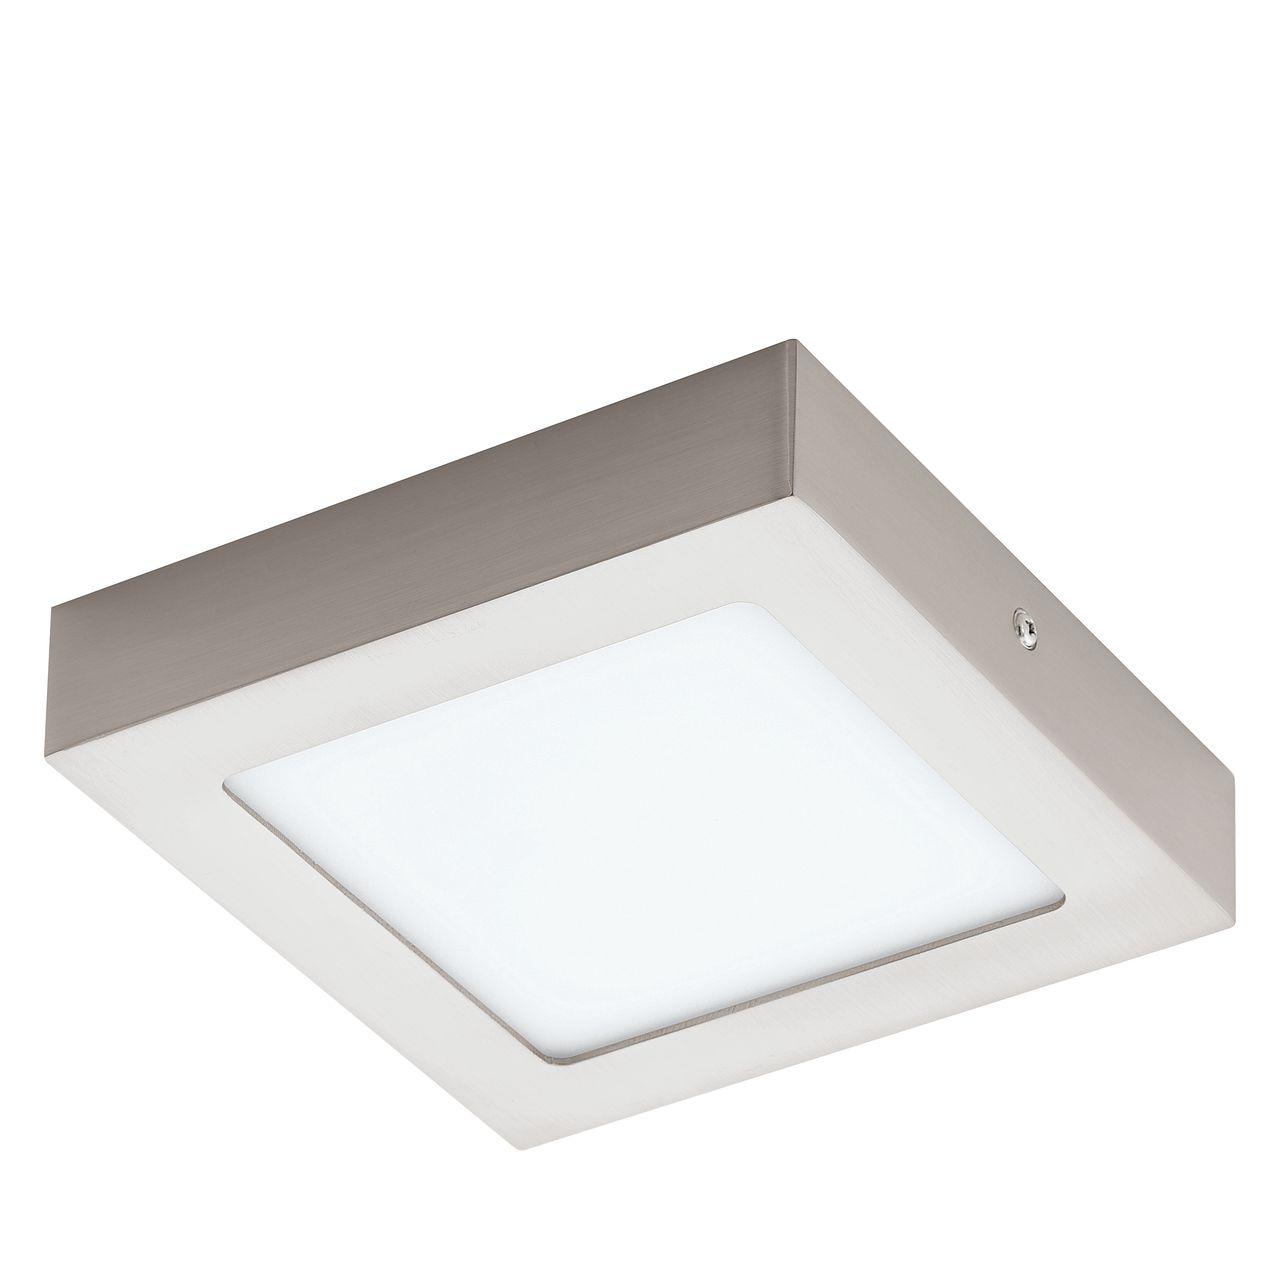 Потолочный светильник Eglo Fueva 1 94524 цена